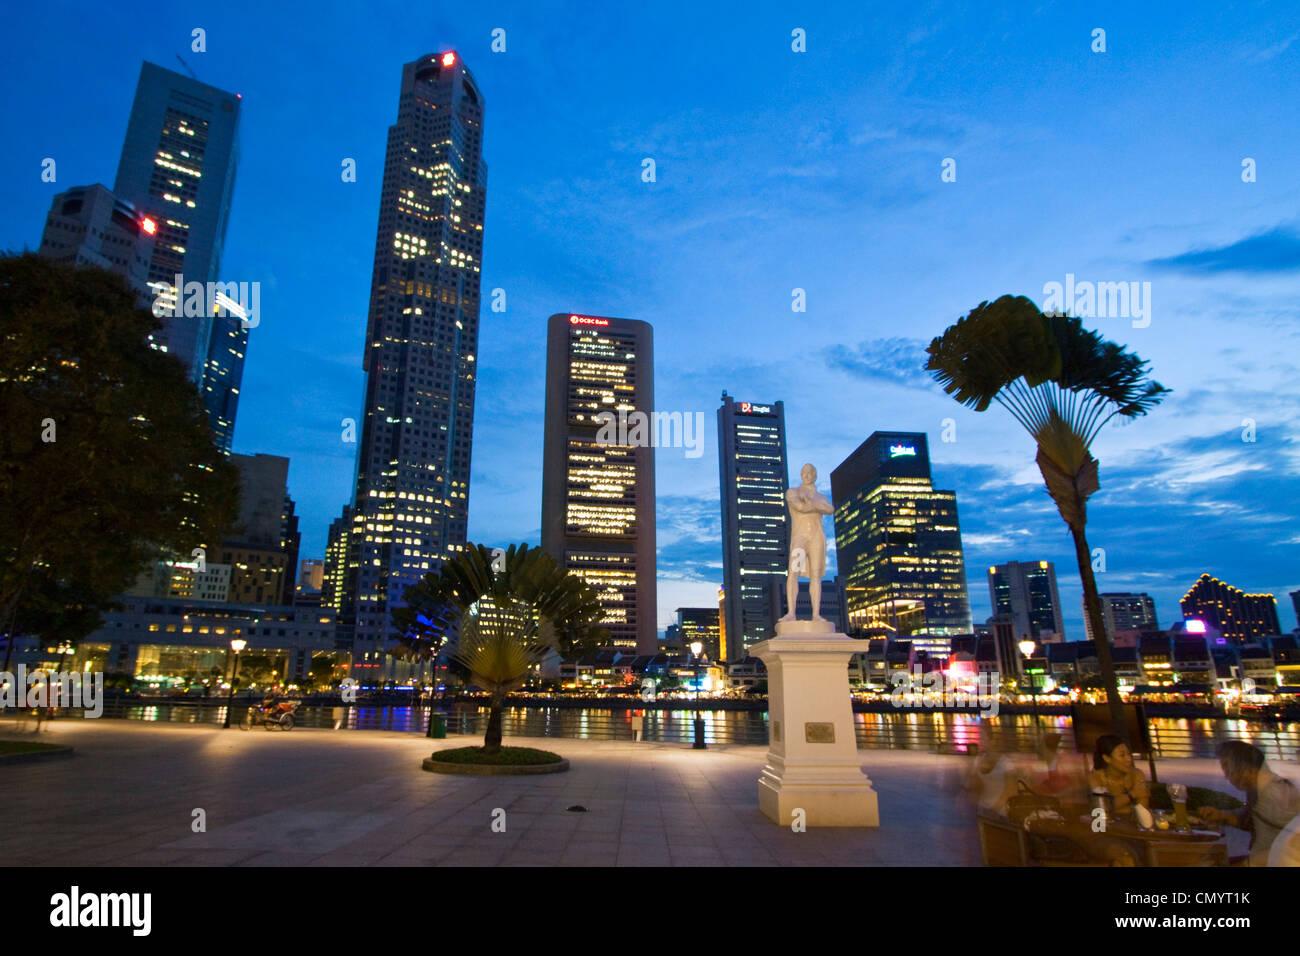 Skyline von Singapur, Raffles Statue, Süd-Ost-Asien, twilight Stockfoto